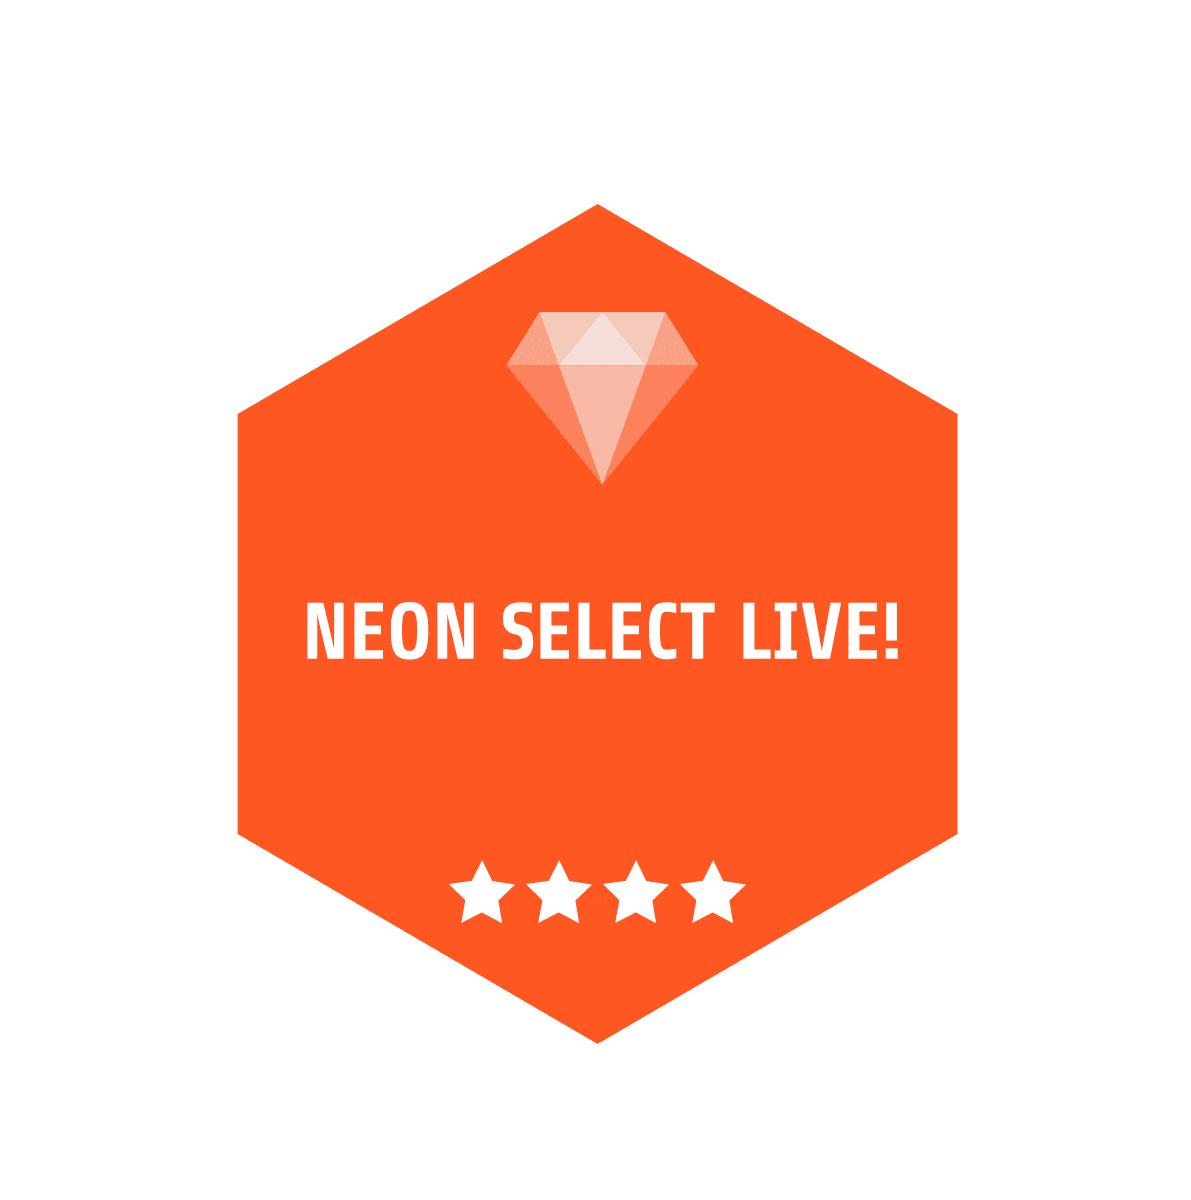 2018年11月11日(日) 『NEON SELECT LIVE!』